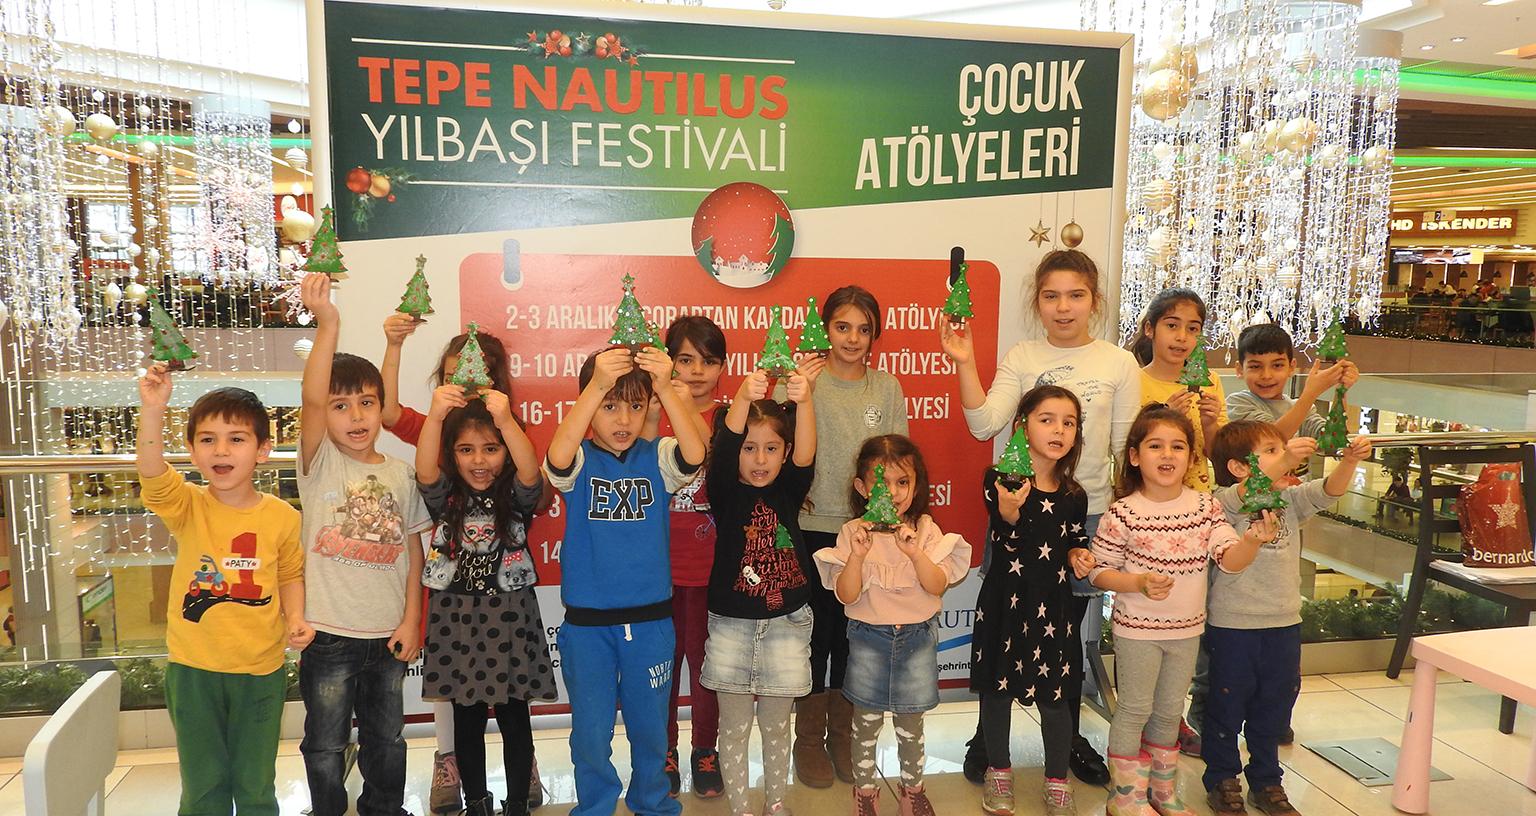 Tepe Nautilus'tan Çocuklara Özel Yılbaşı Atölyeleri